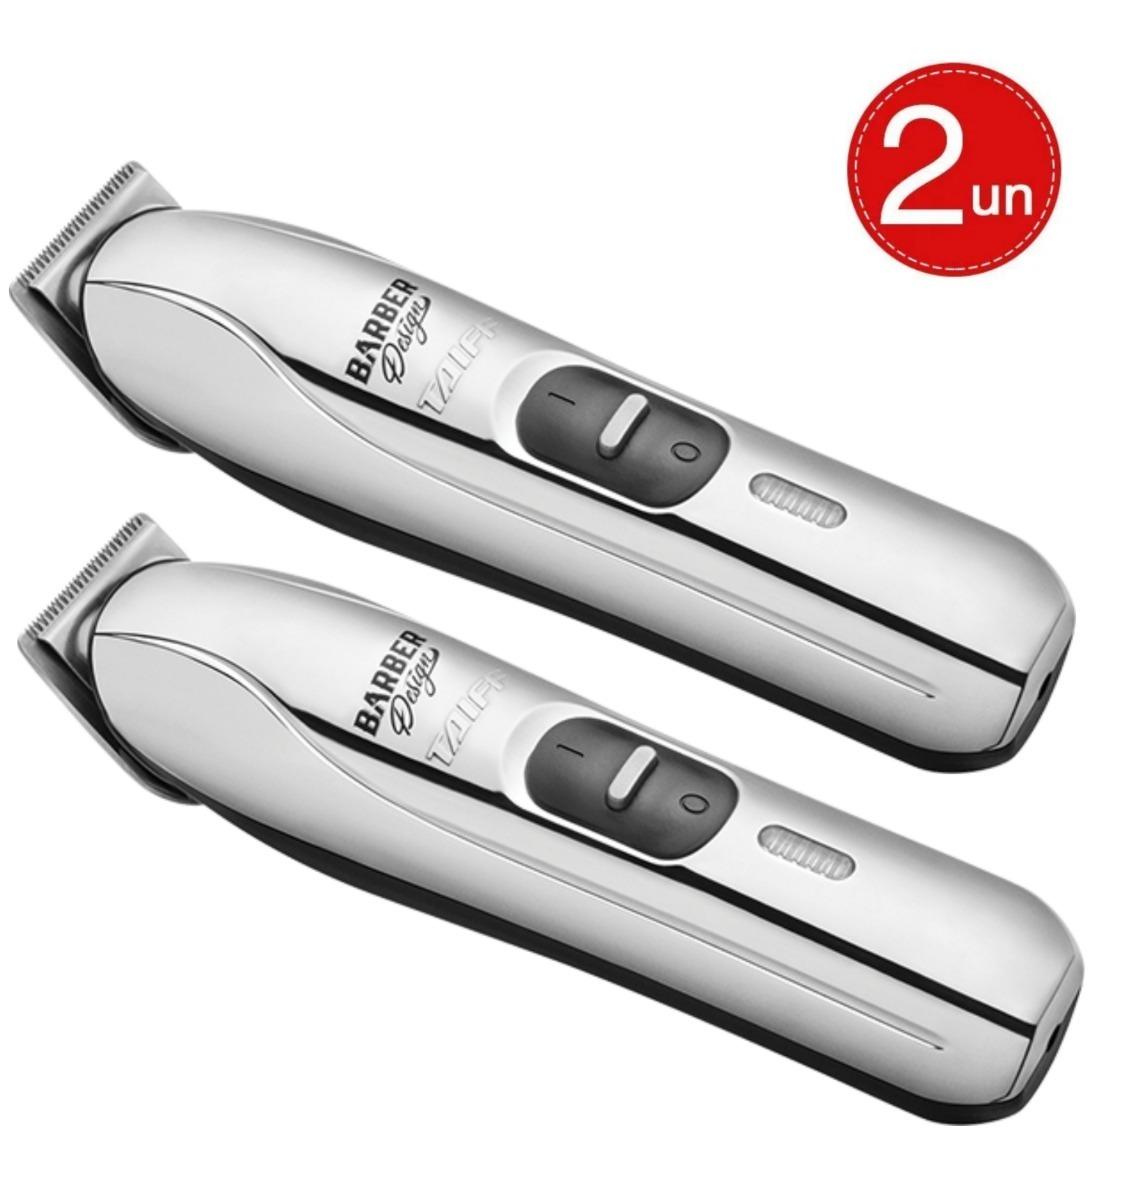 912c5d41f maquina de acabamento taiff barber design bivolt 02 unidades. Carregando  zoom.